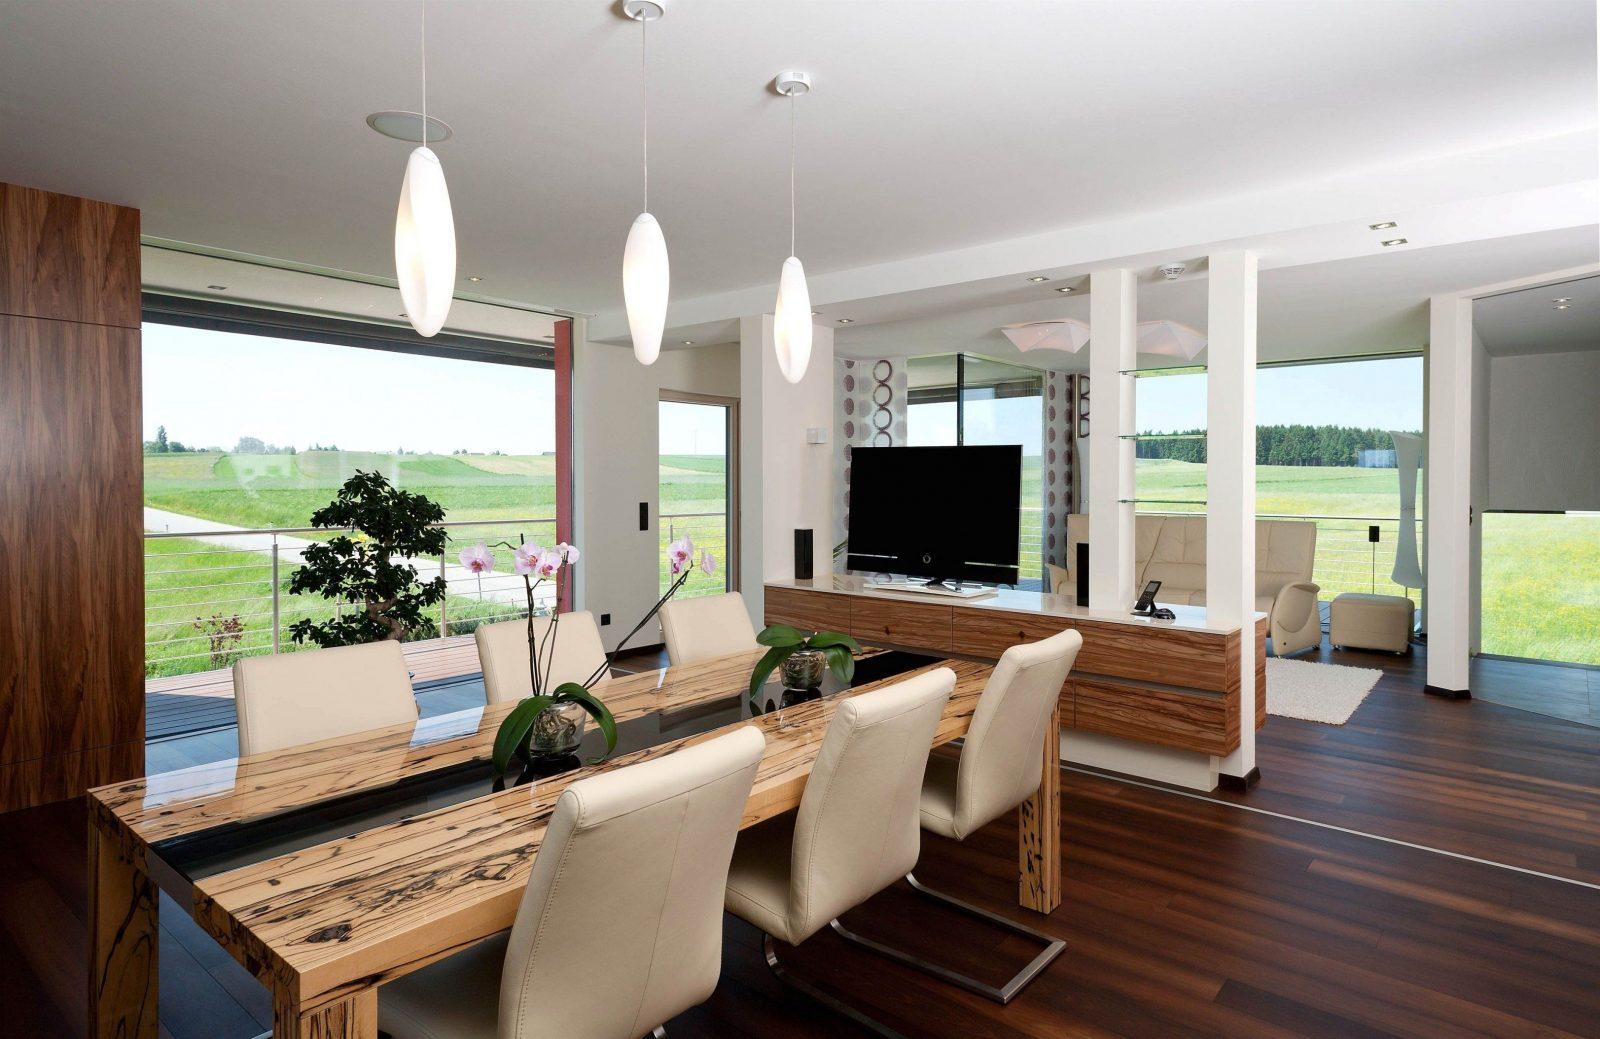 Esszimmer Ideen Exzellent Wohn Esszimmer Gestalten Design Reizend von Wohn Und Esszimmer Gestalten Bild